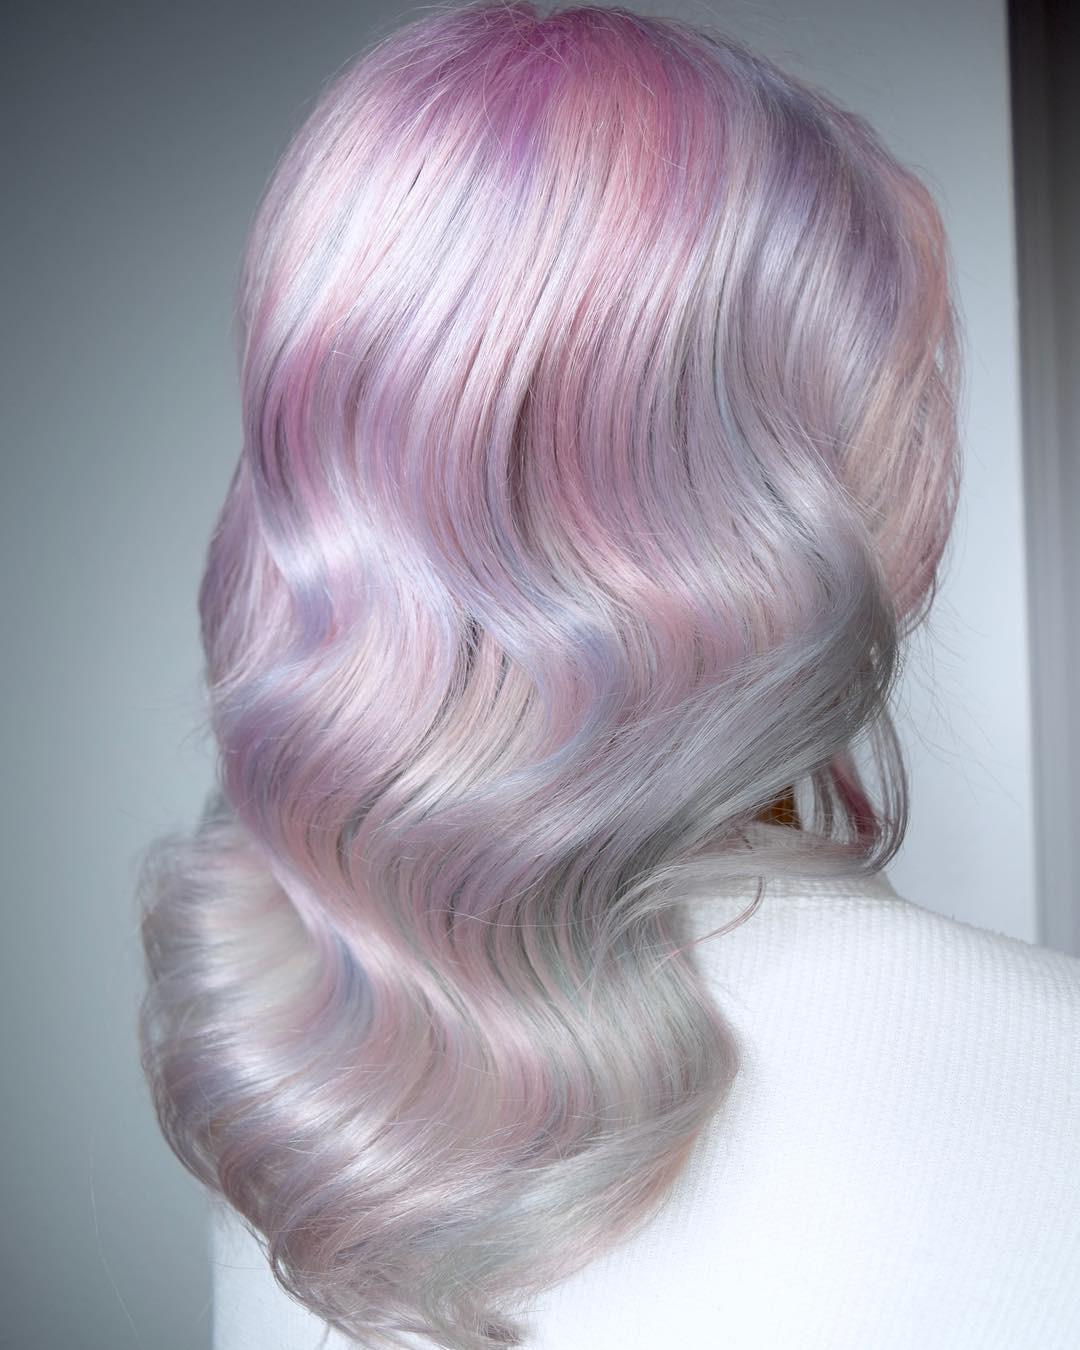 Tóc nhuộm kẹo bông: màu nhuộm huyền ảo mở hàng cho xu hướng tóc 2018 đảm bảo sẽ khiến hội sành điệu phải rối rít - Ảnh 3.